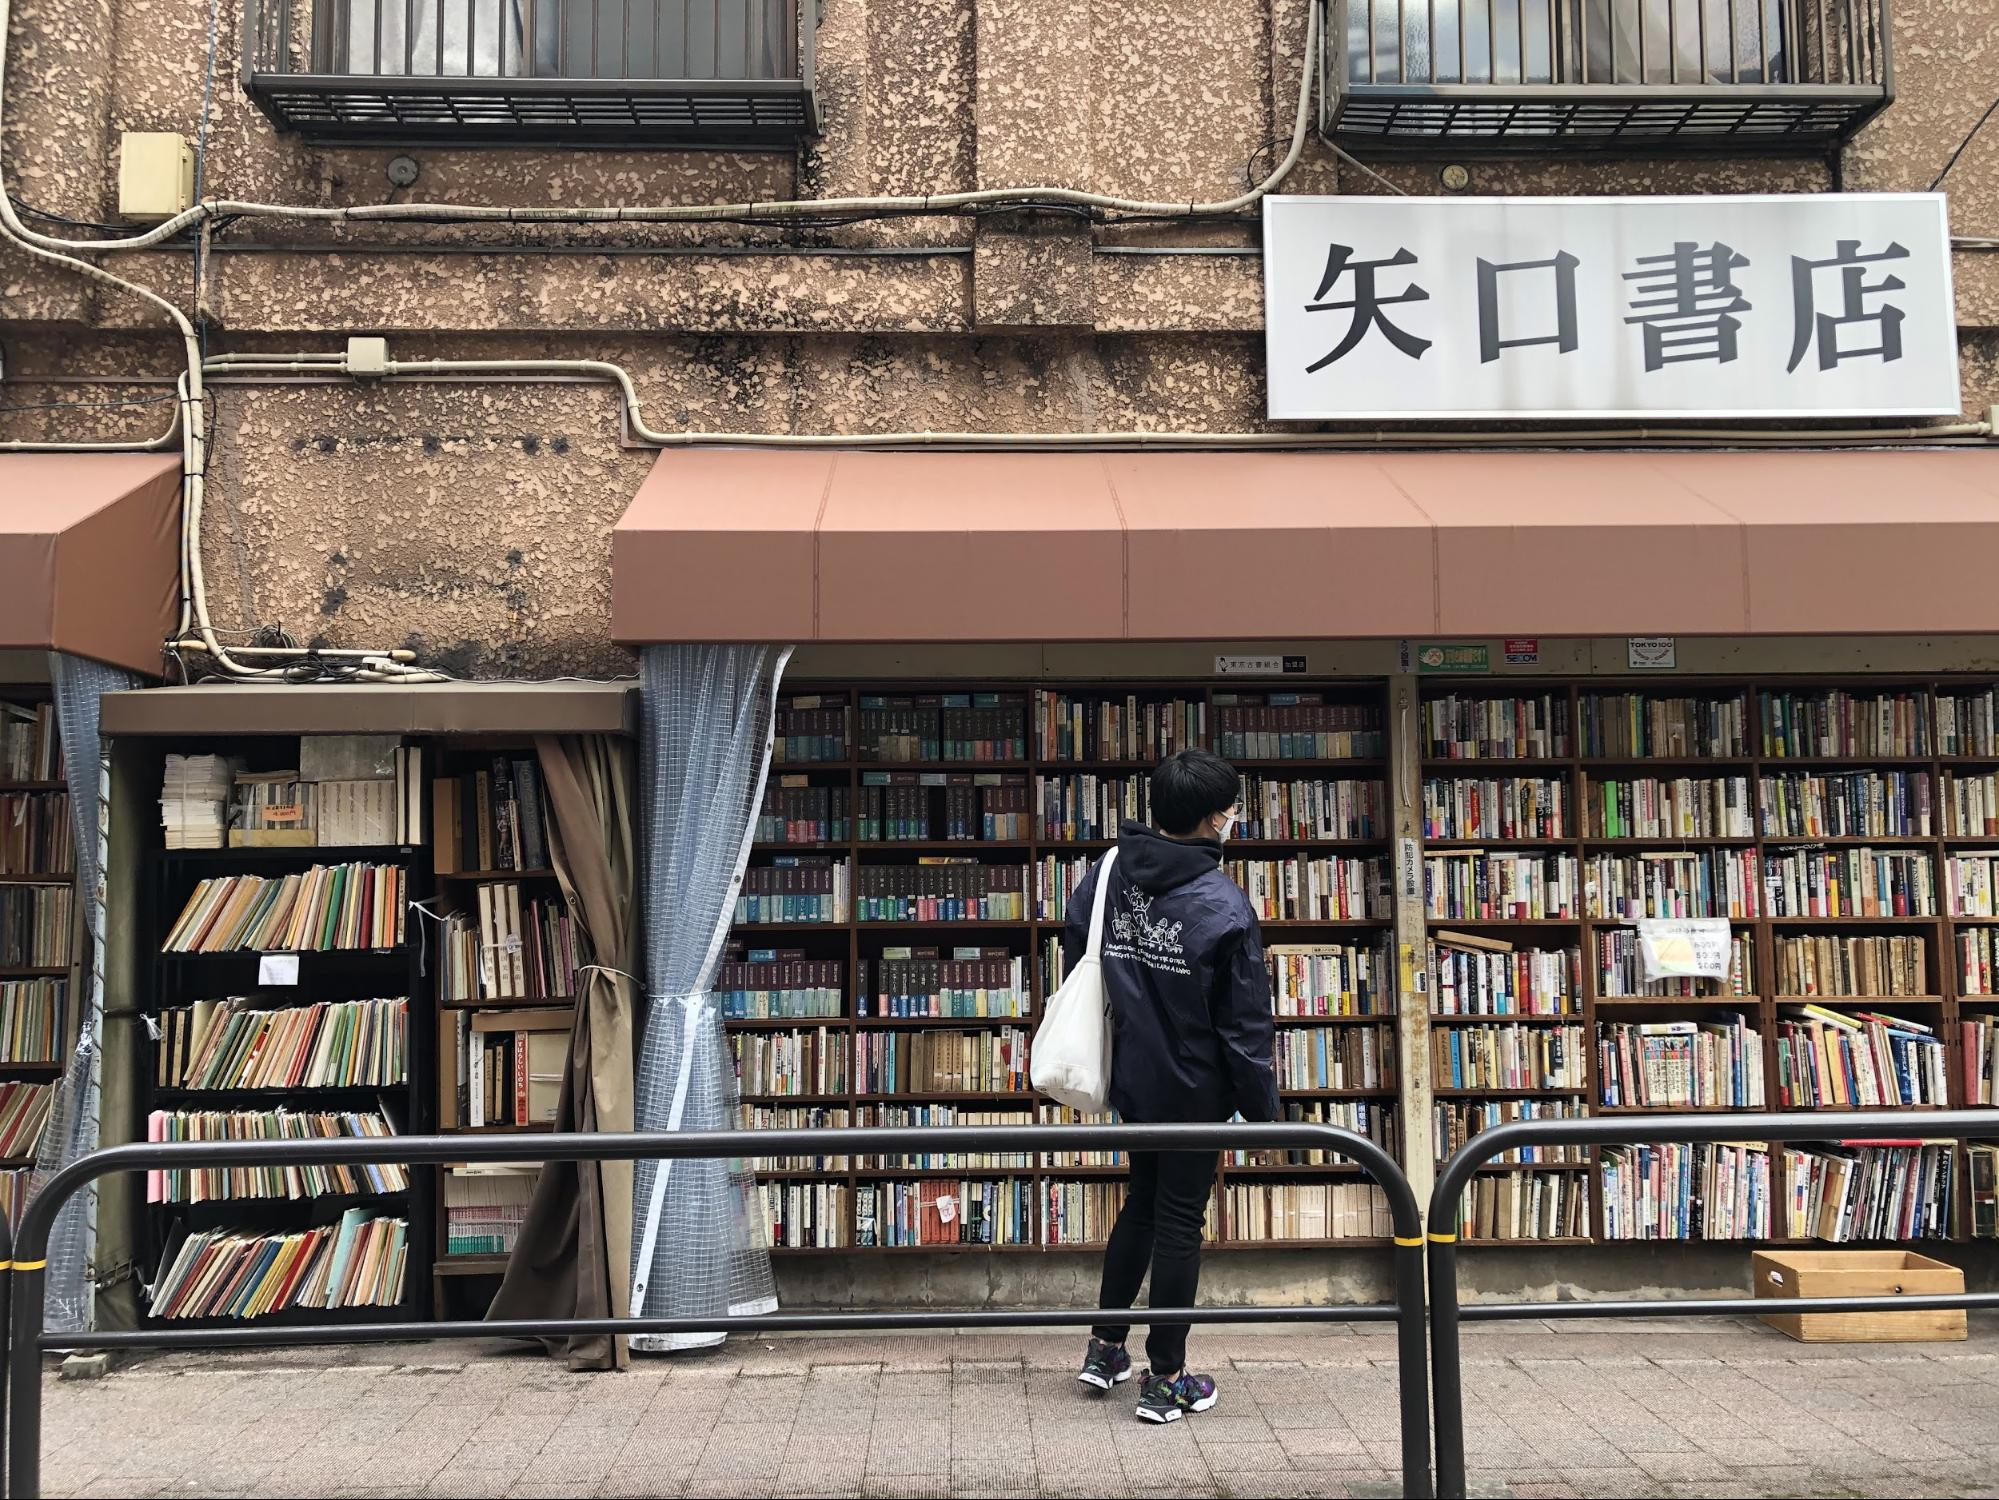 シカノミエ・やっぱり本が好き。神保町で読む・買う・食べる【Yummyな下町散歩】